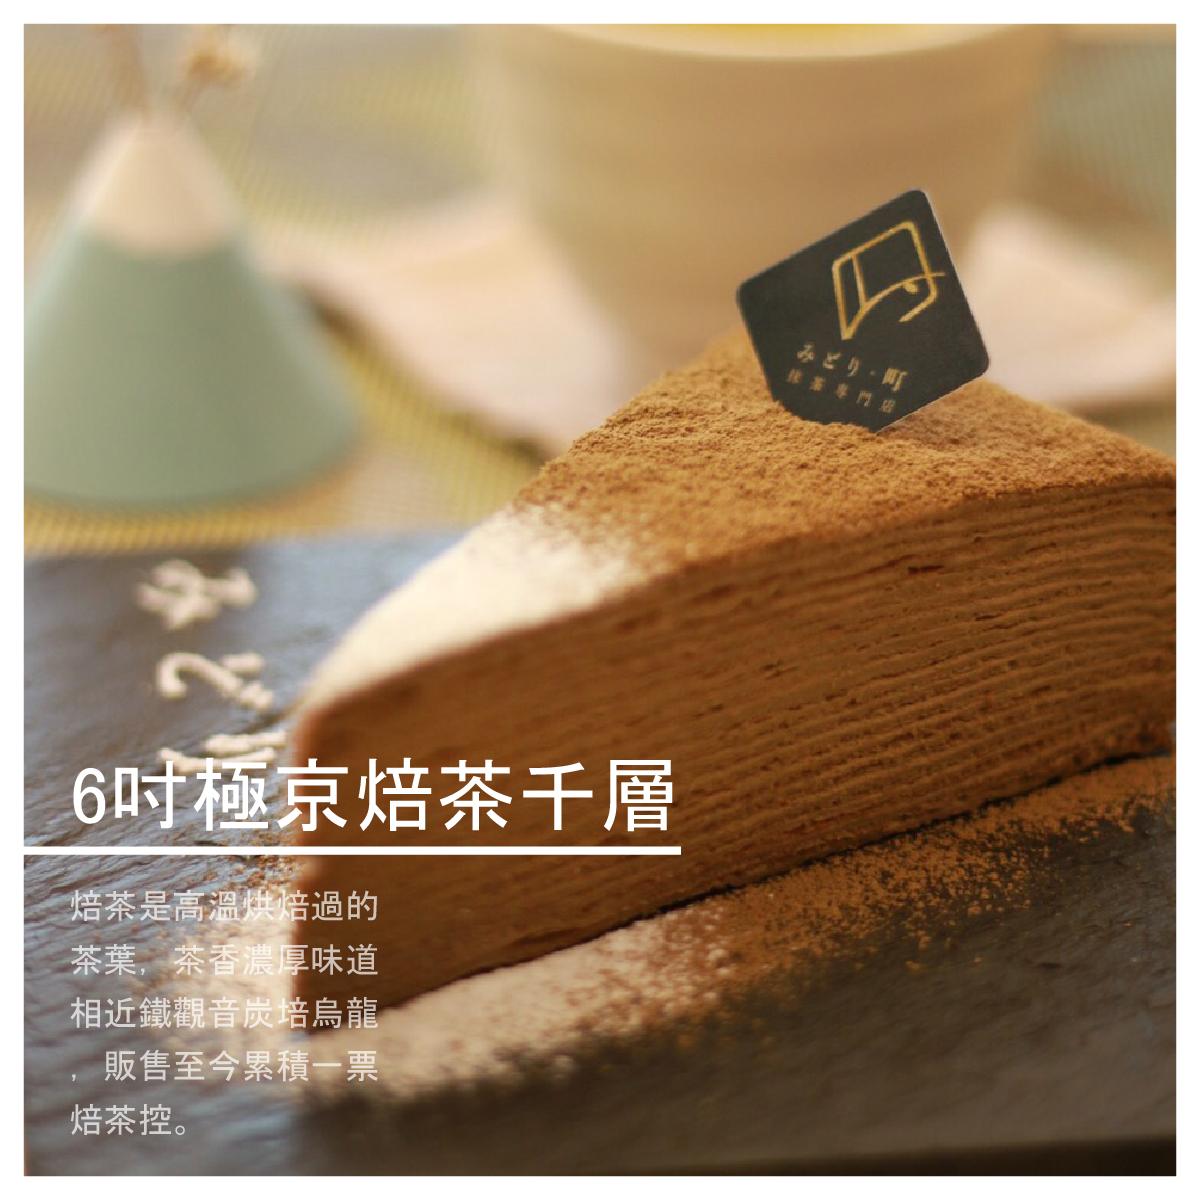 【綠町抹茶】6吋極京焙茶千層